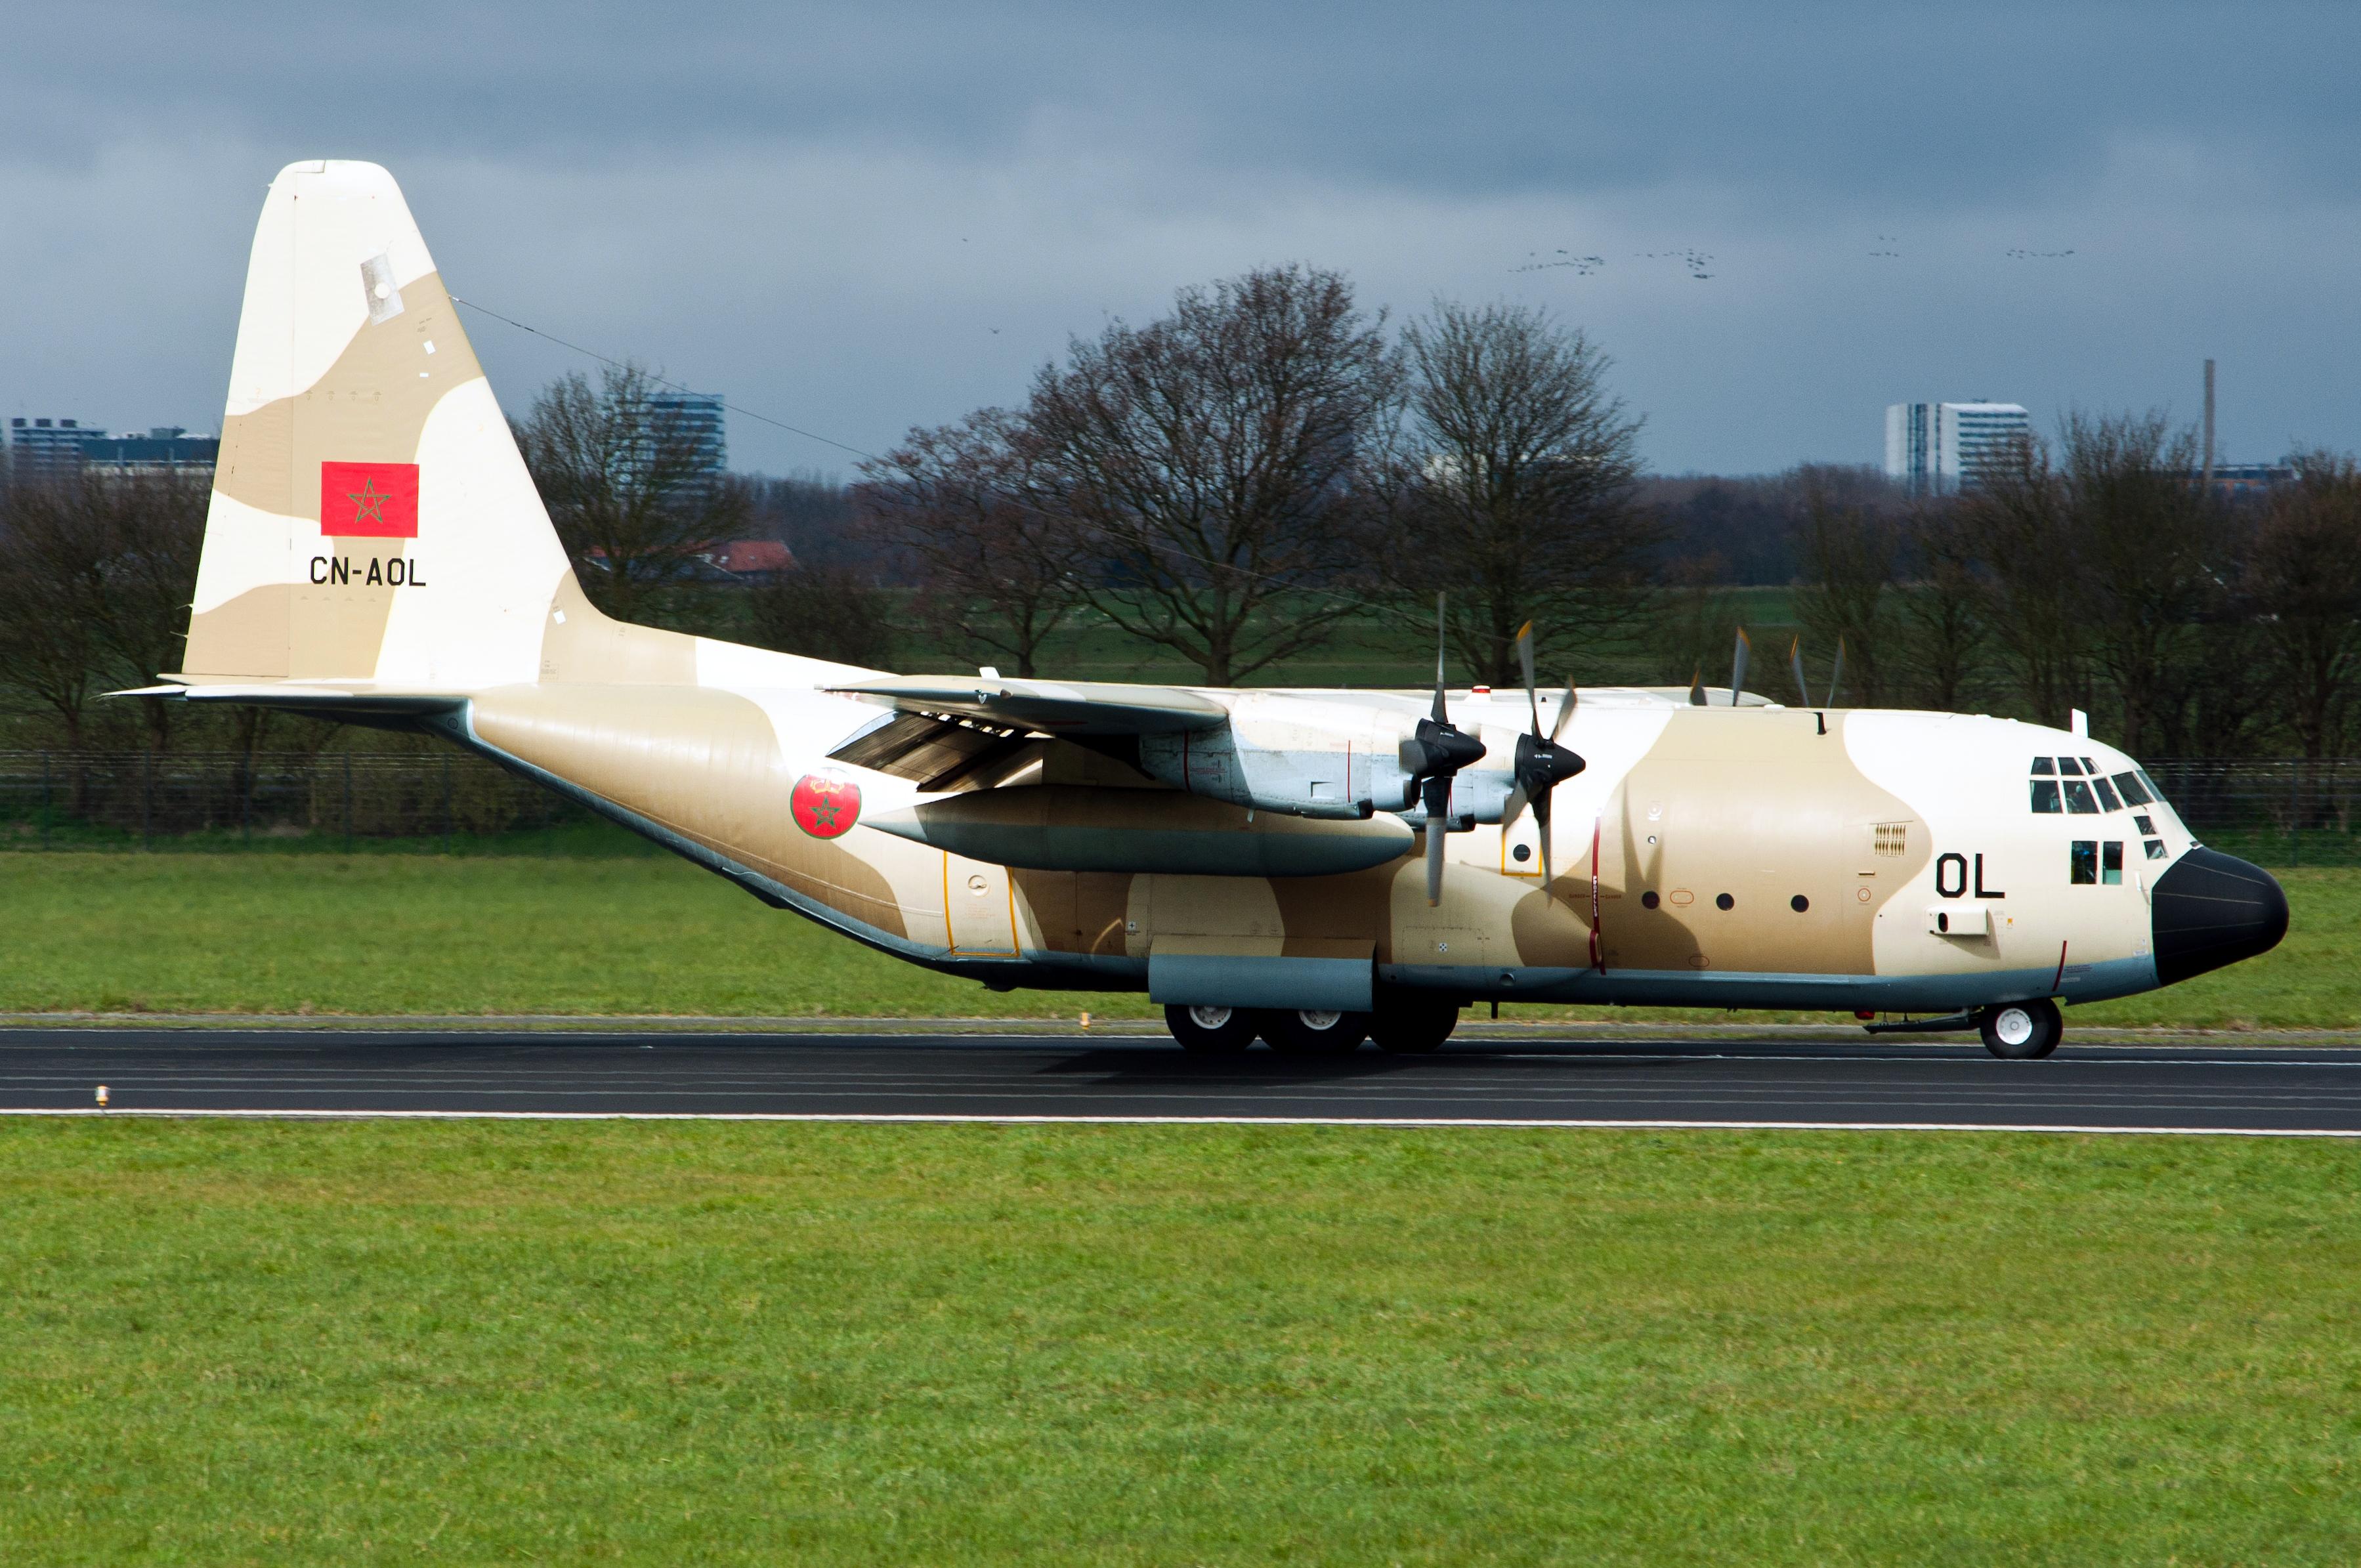 FRA: Photos d'avions de transport - Page 27 16032804510831866